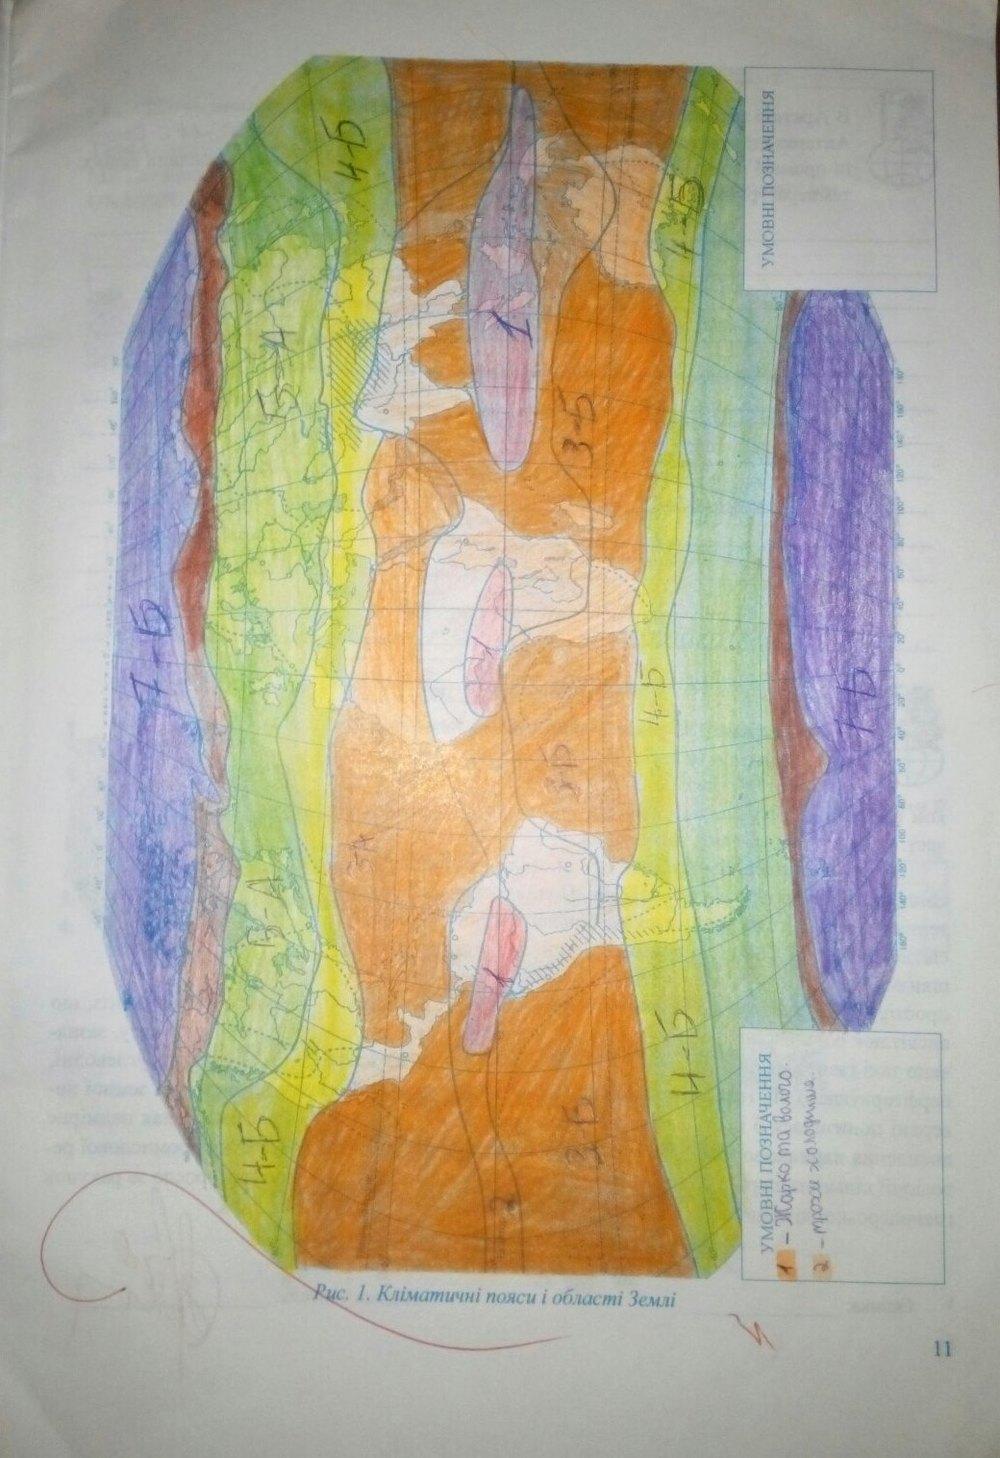 ГДЗ відповіді робочий зошит по географии 7 класс Варакута О., Швець Є.. Задание: стр. 11